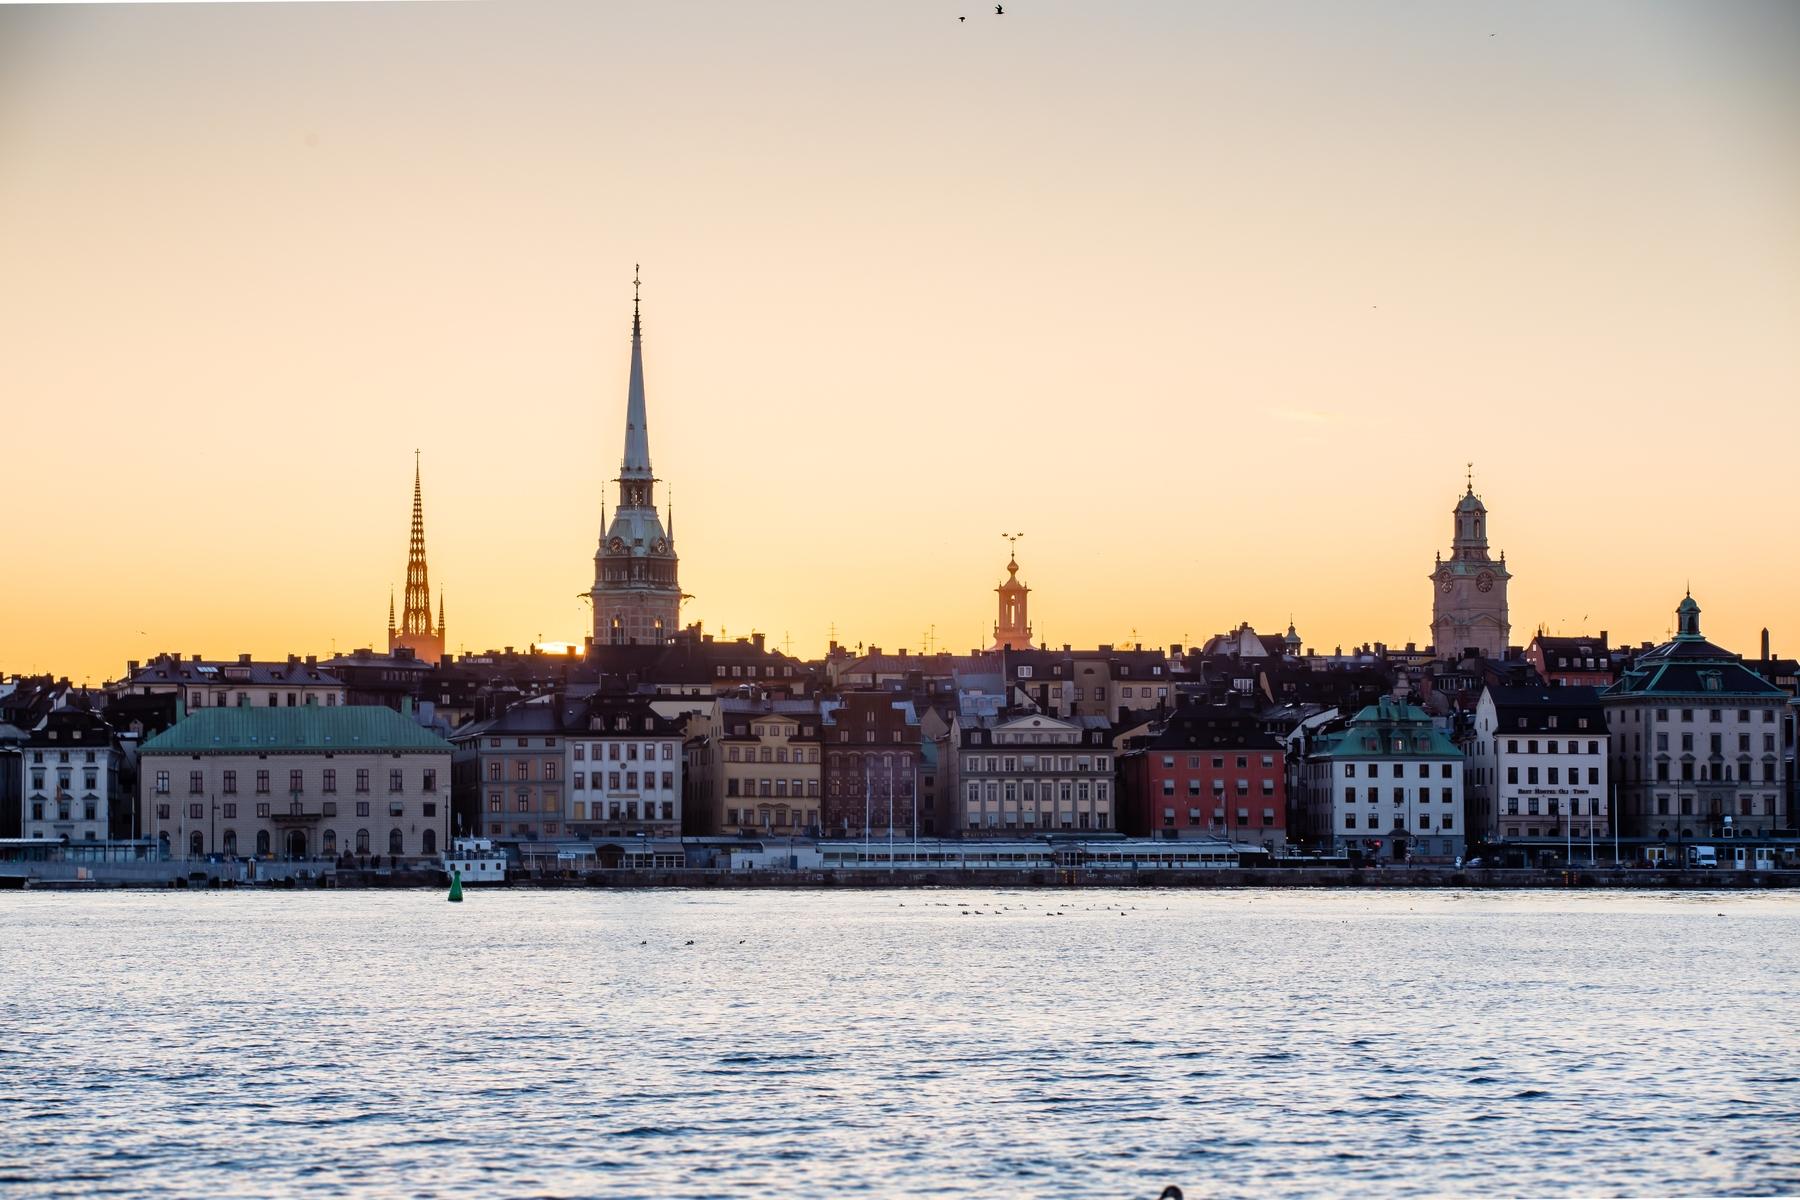 Billigflüge nach Schweden mit Skyscanner buchen